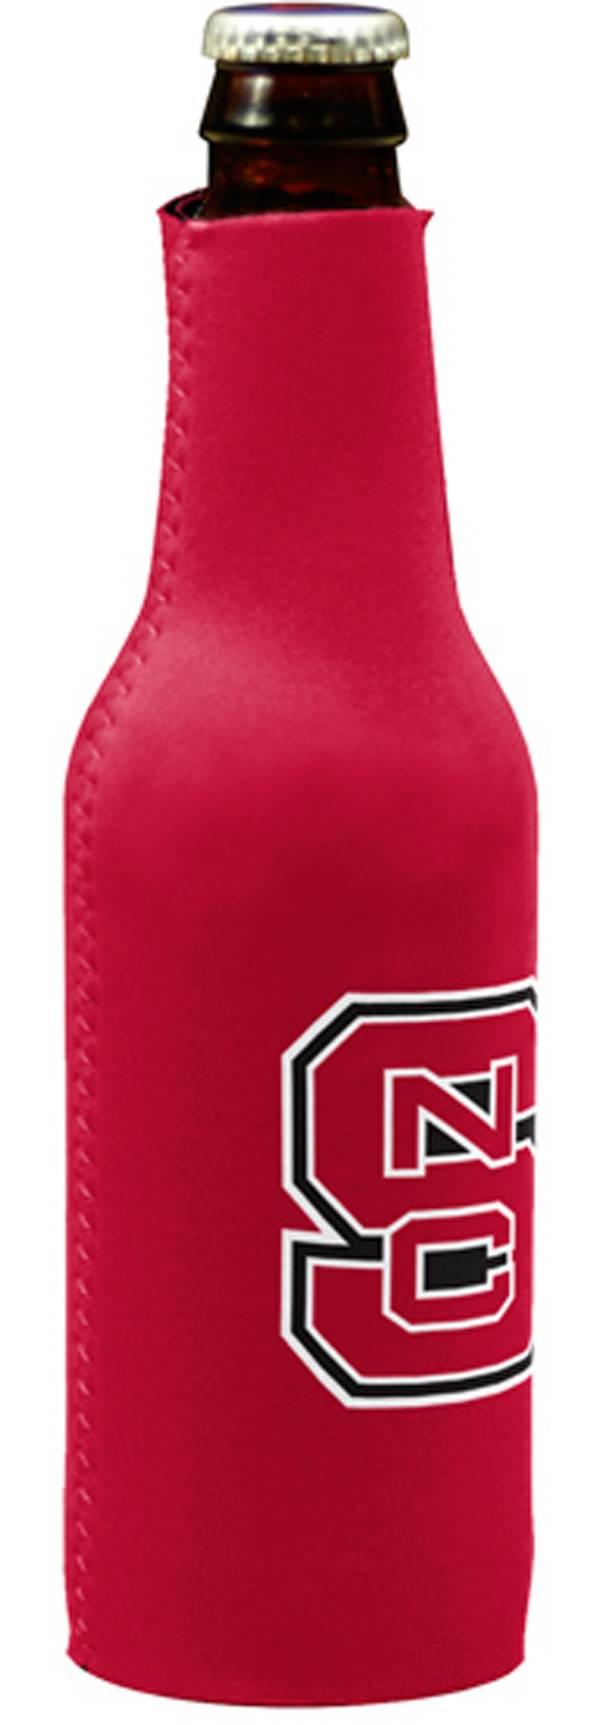 North Carolina State Wolfpack Bottle Koozie product image